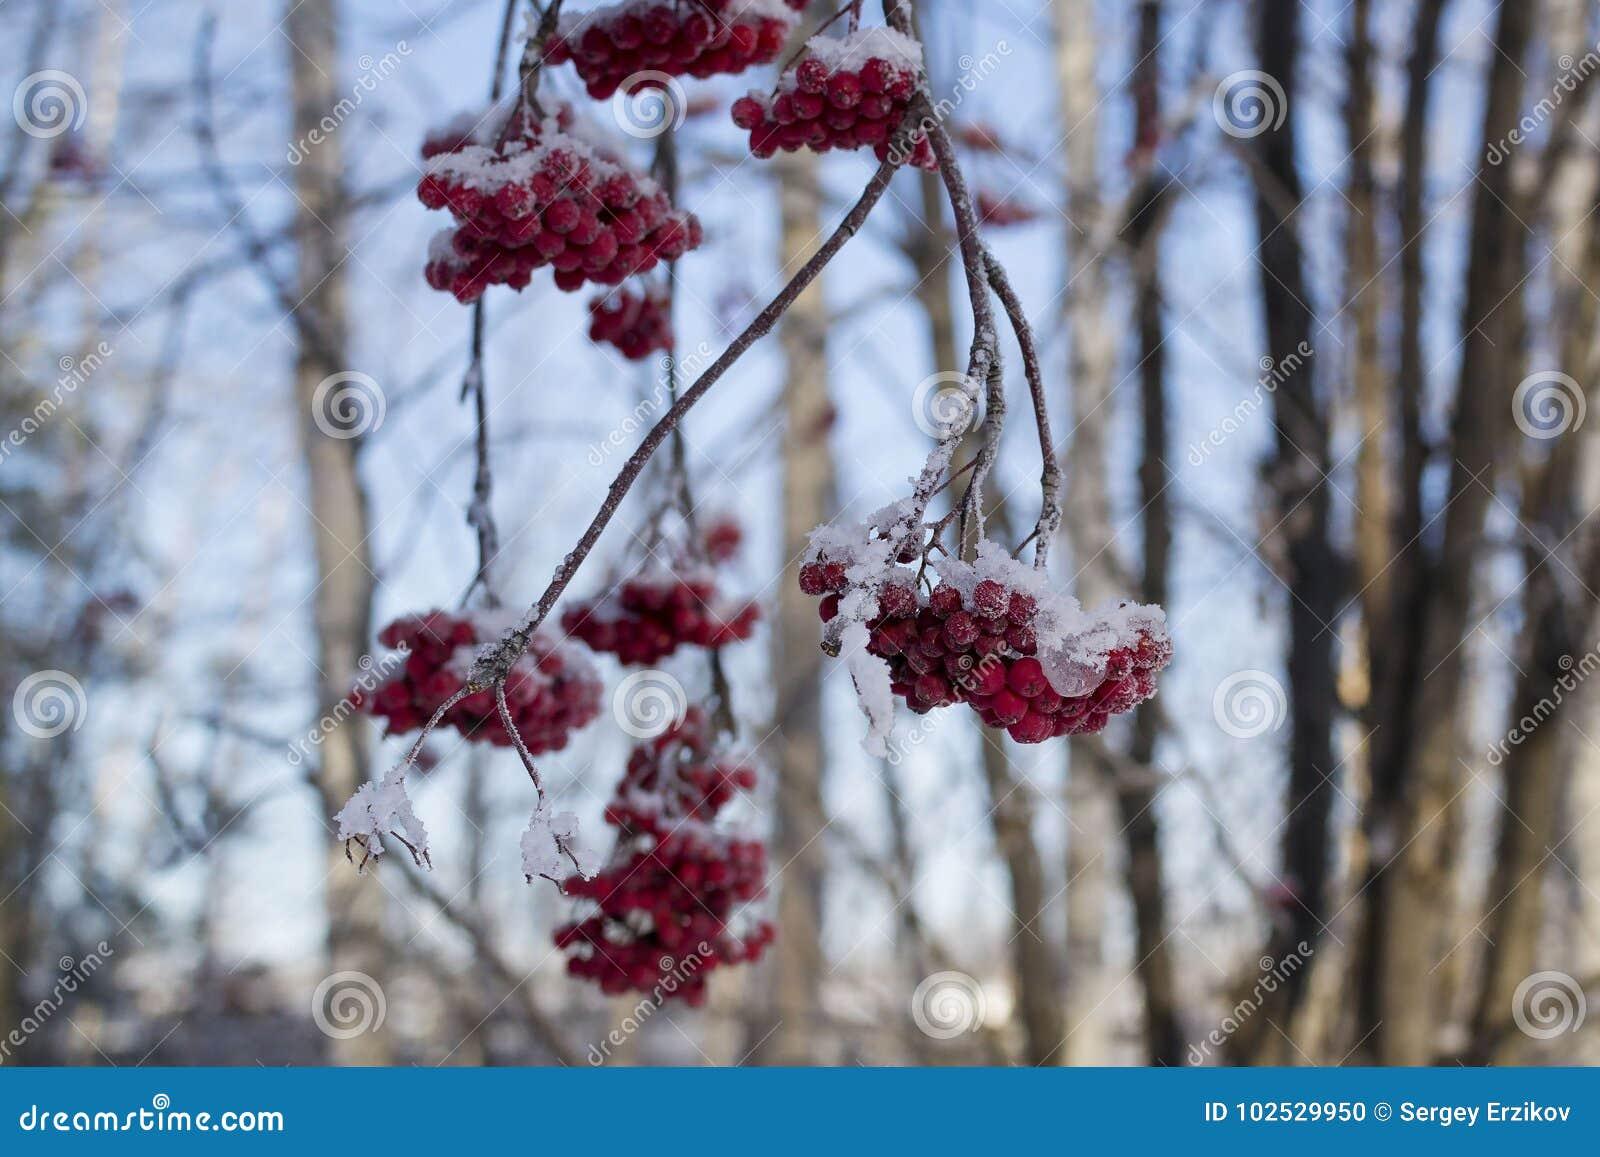 Αποκλεισμένοι από τα χιόνια κλάδοι σορβιών με τις δέσμες του κόκκινου μούρου